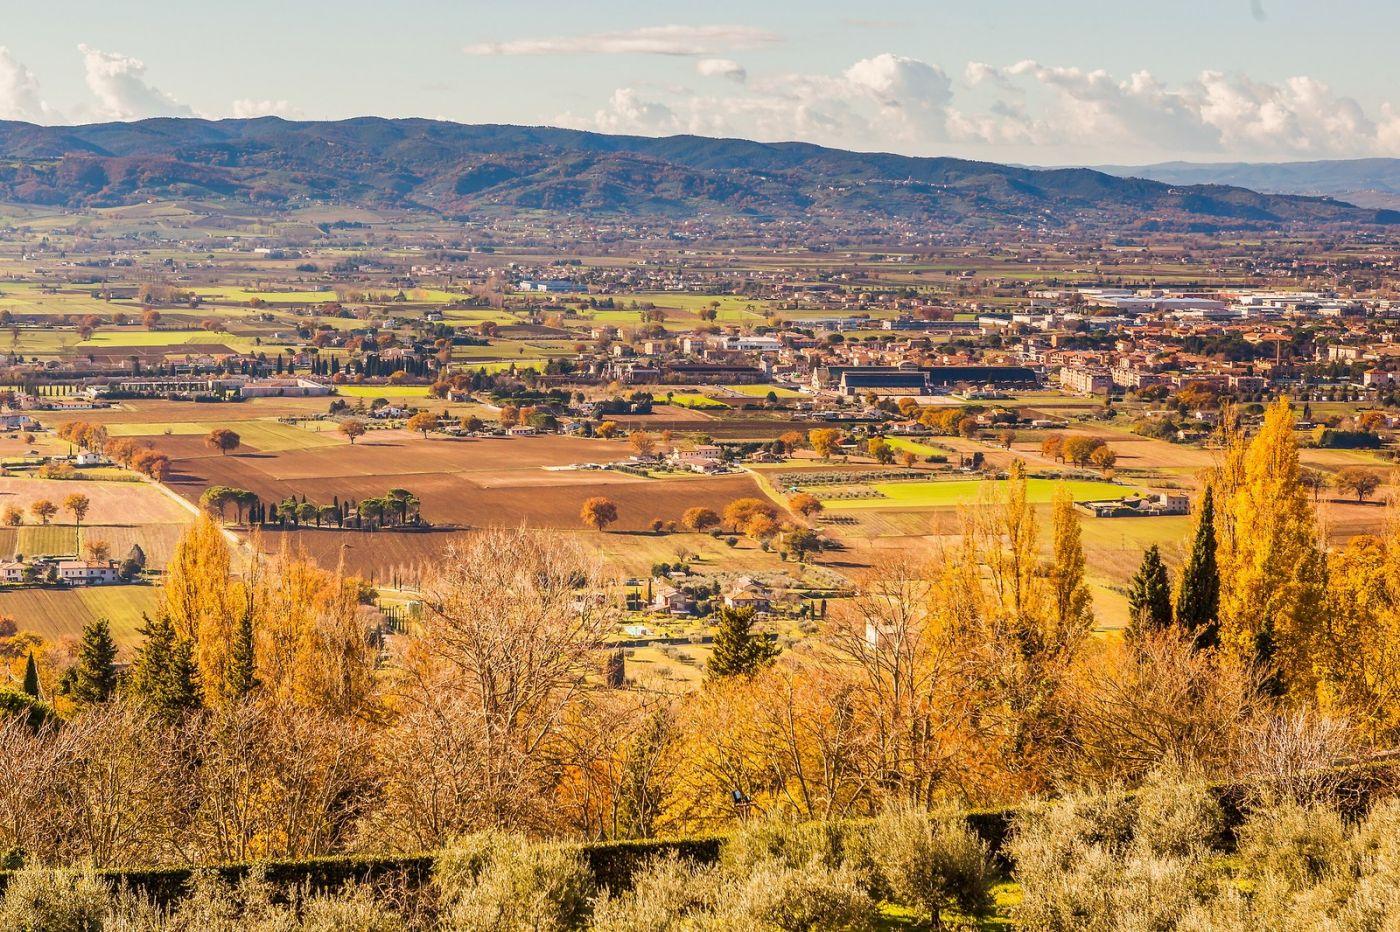 意大利阿西西(Assisi), 登高放眼_图1-24